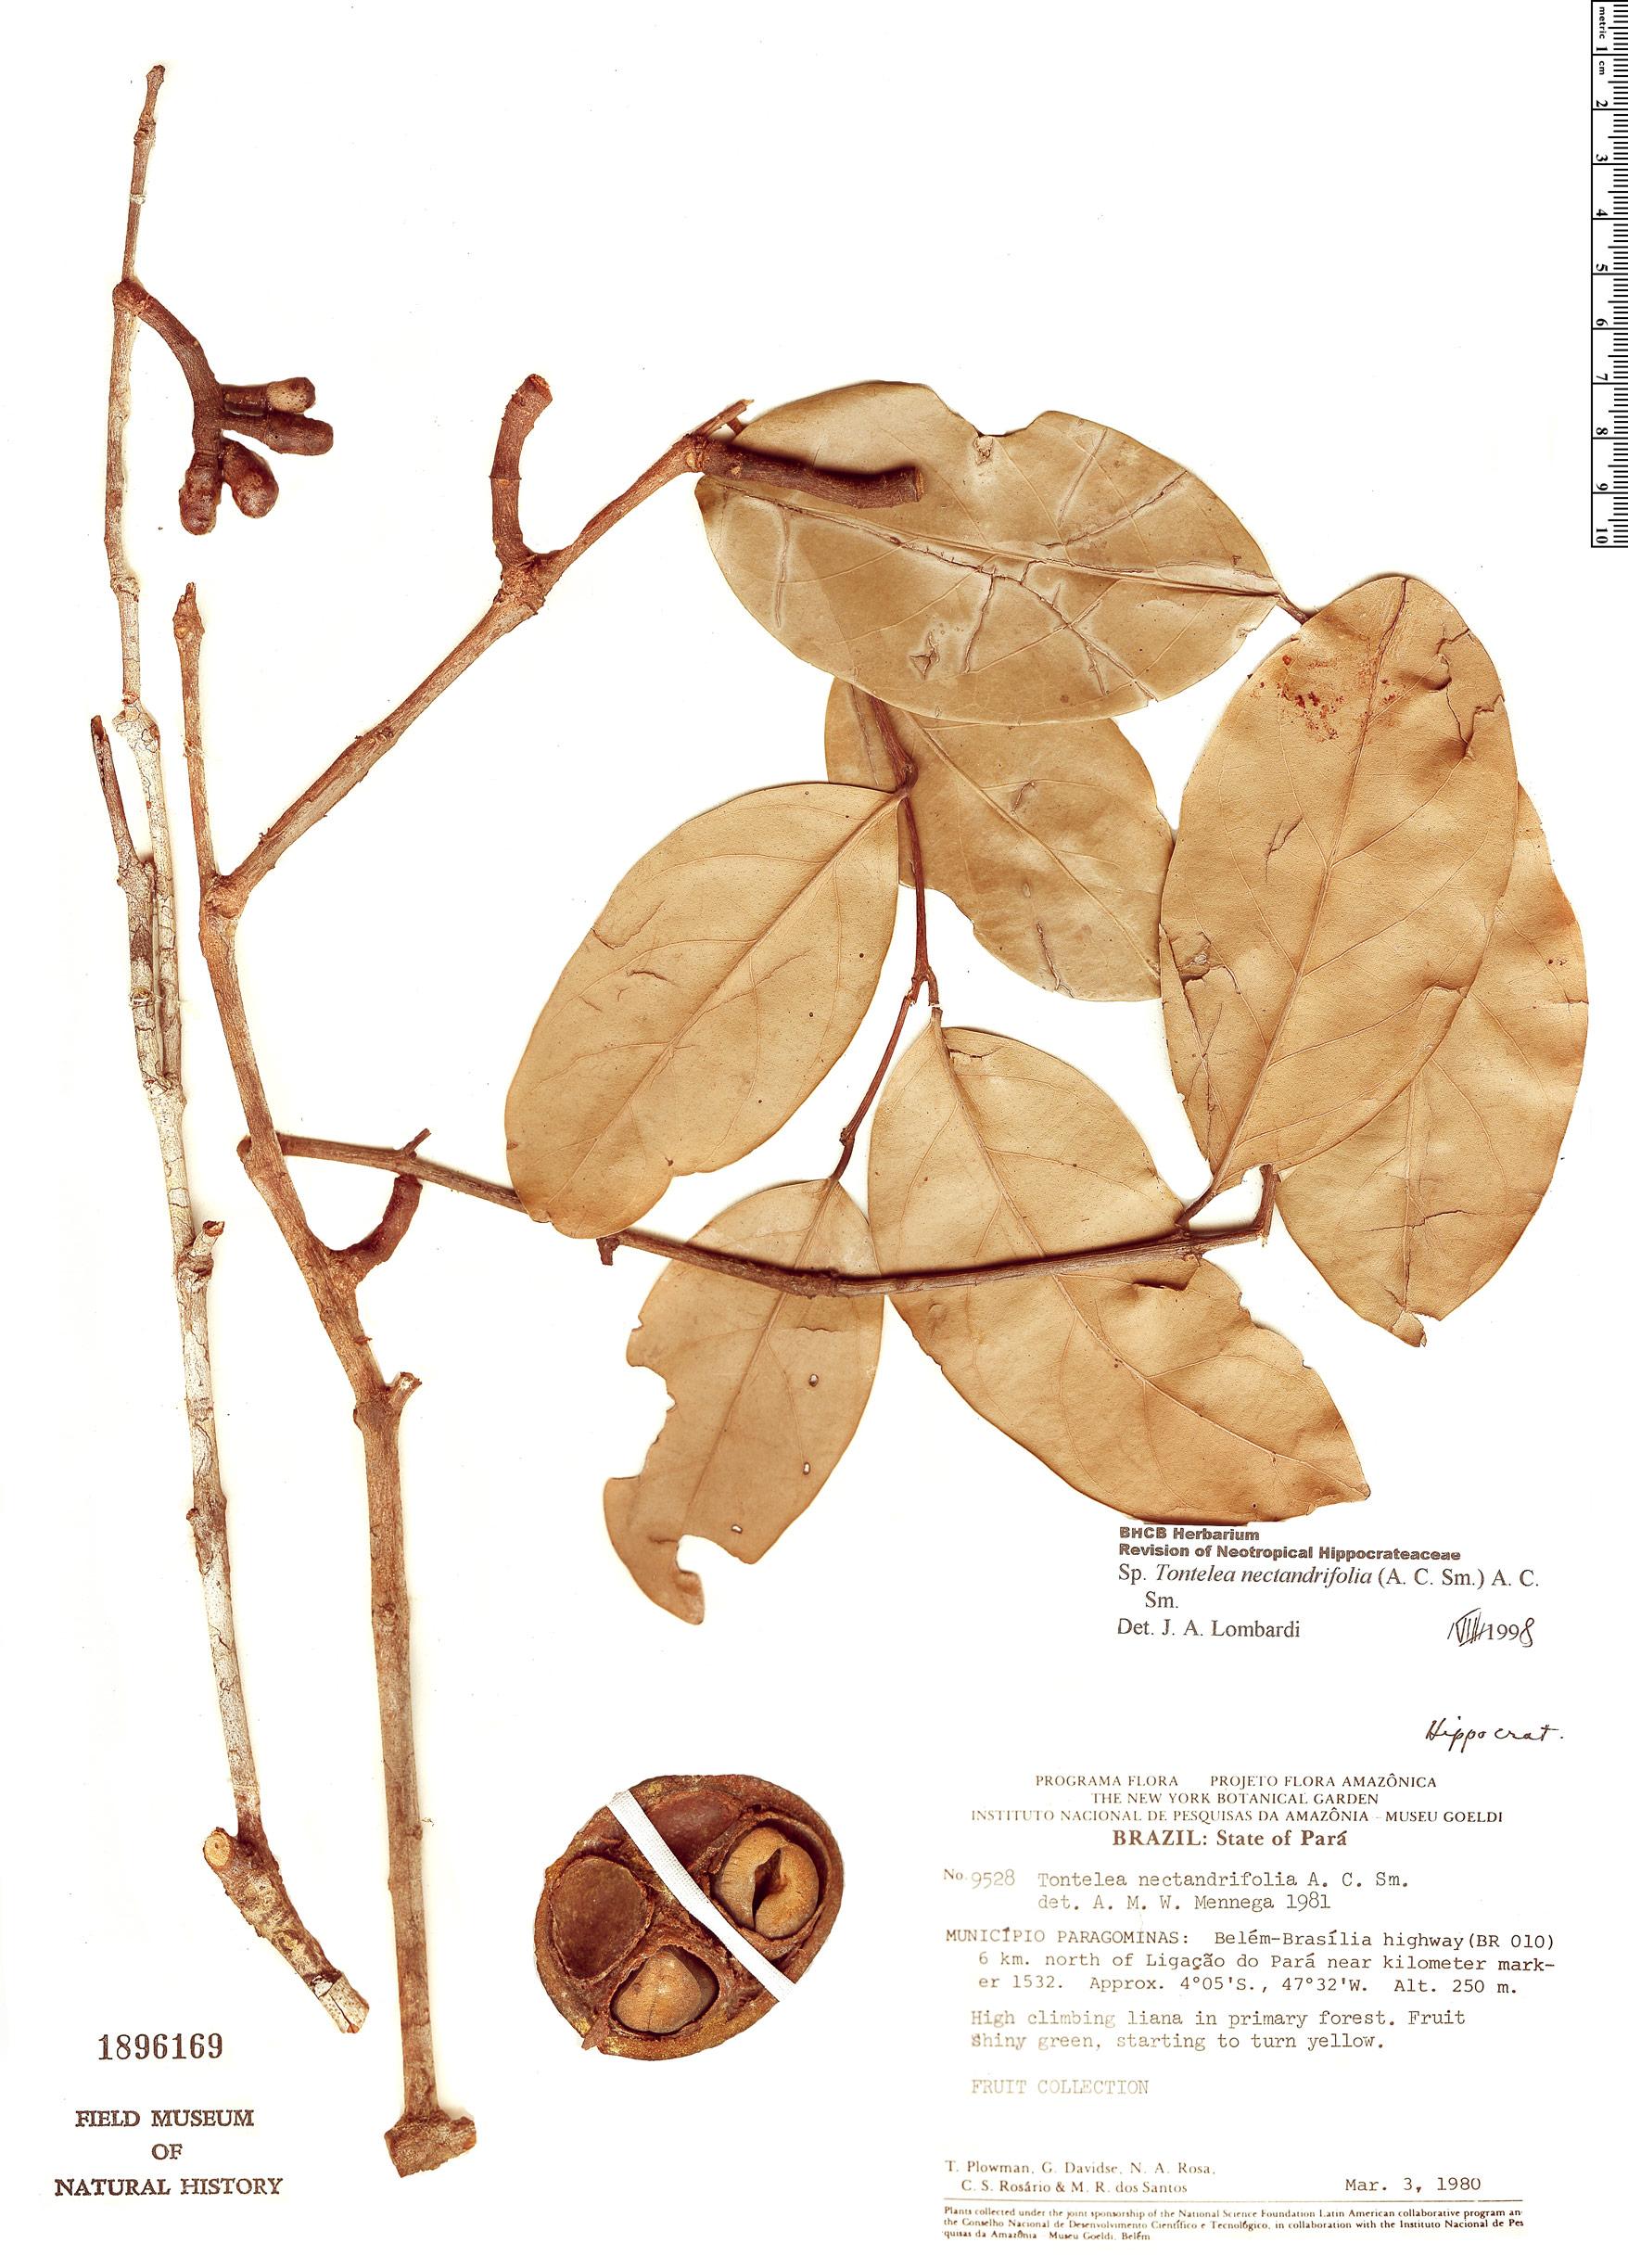 Specimen: Peritassa nectandrifolia